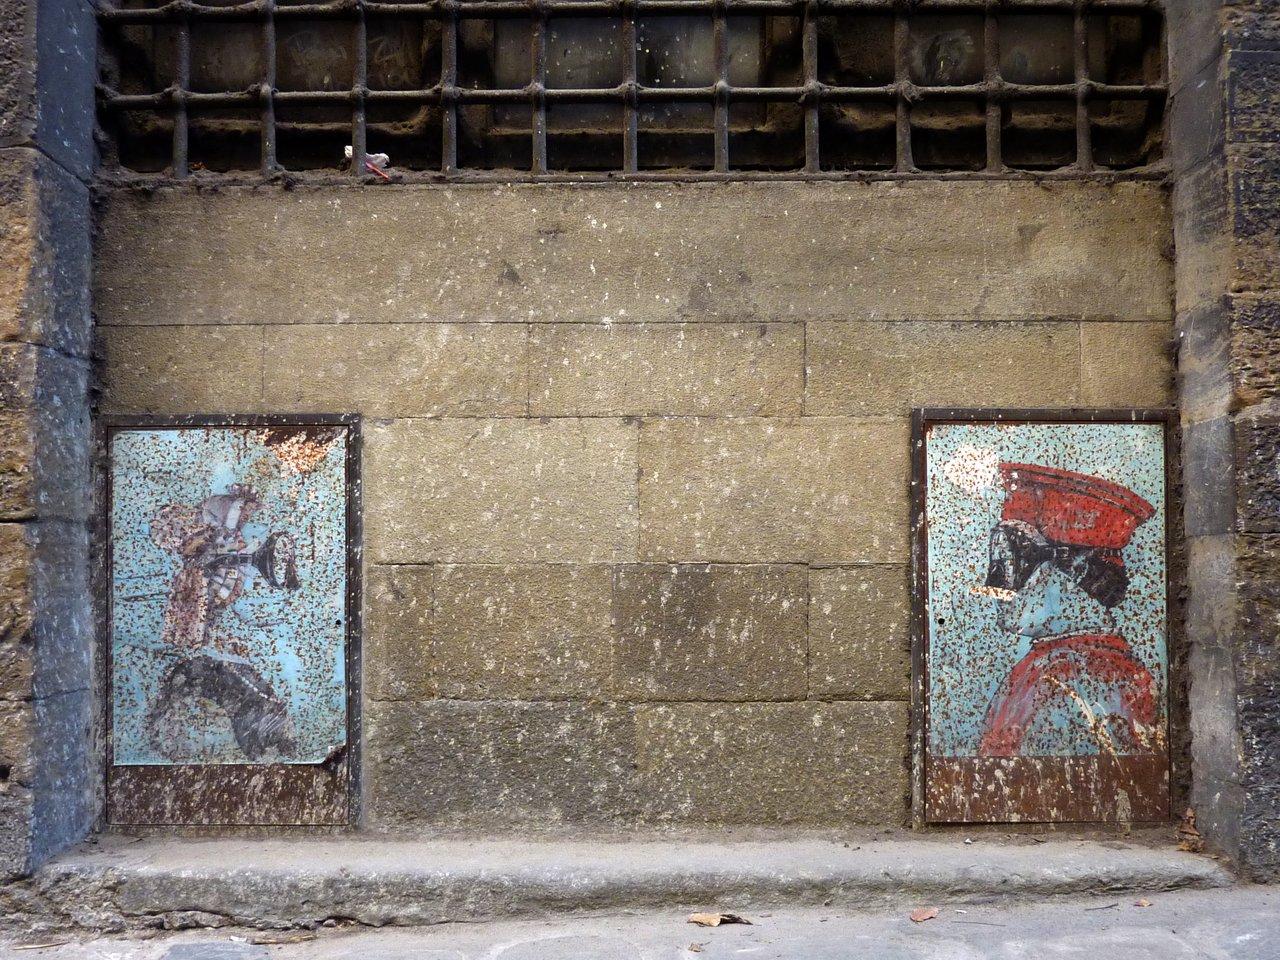 due giorni a firenze: L'arte sa nuotare: i duchi di Urbino